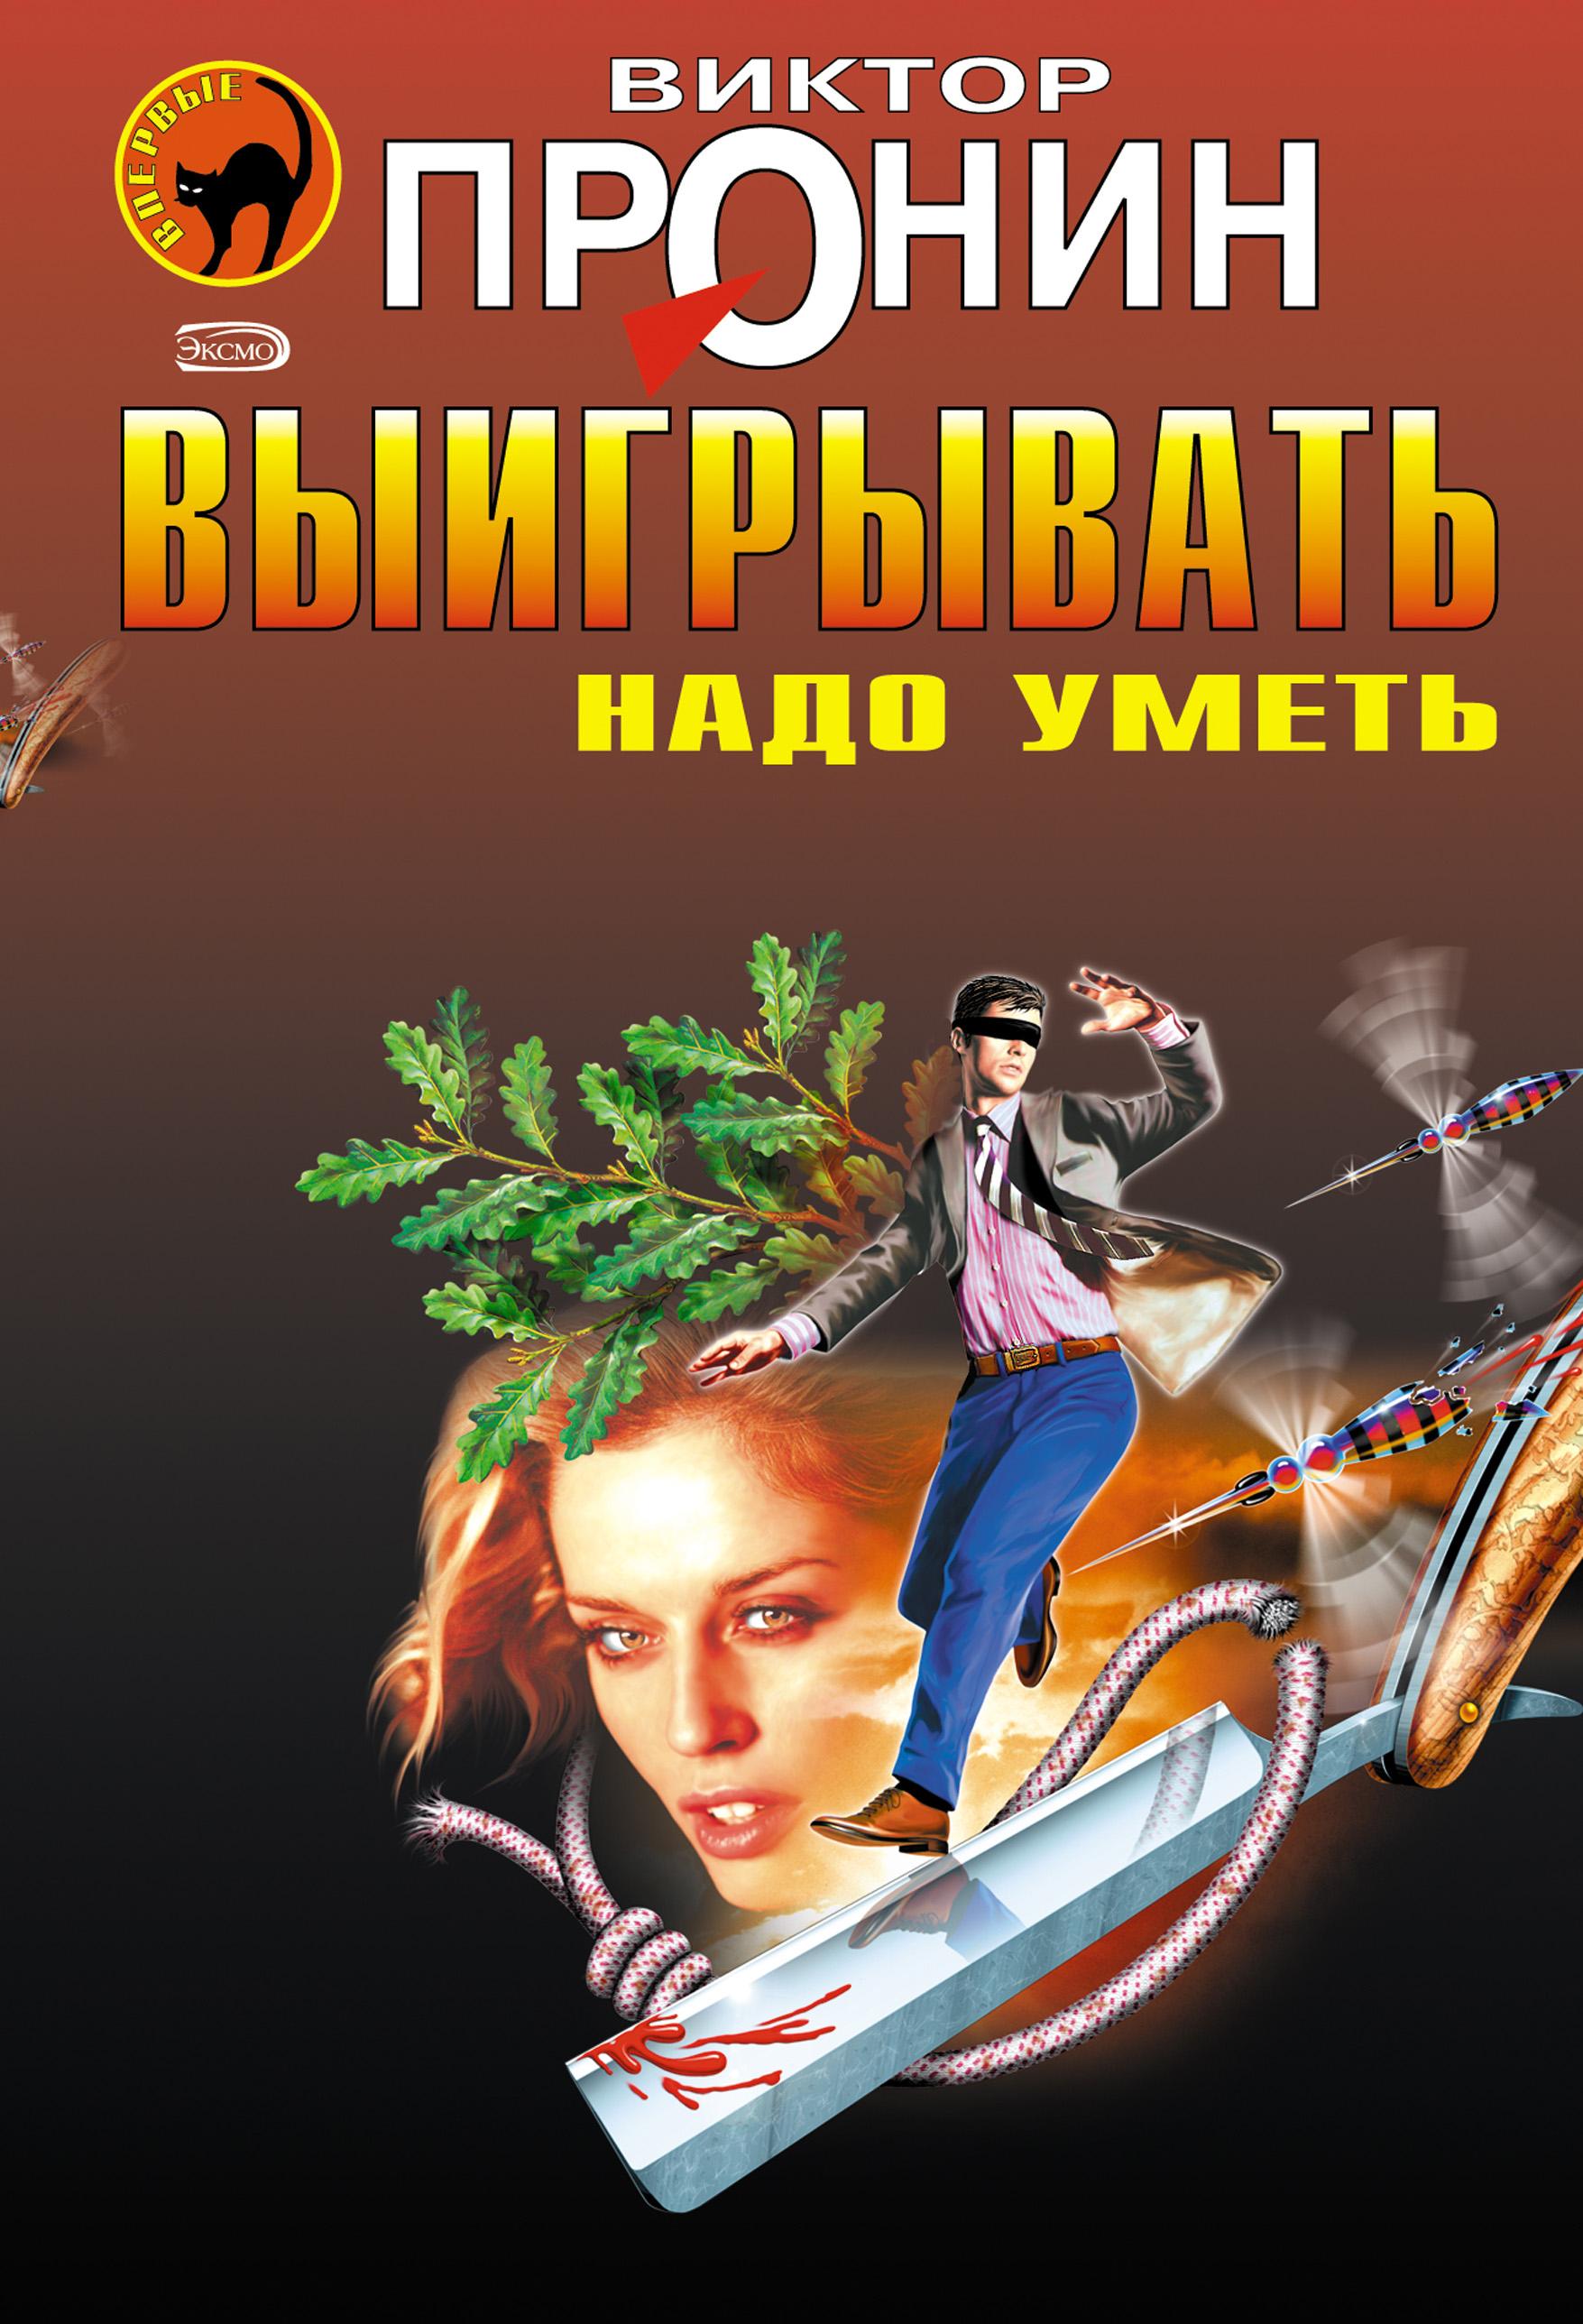 Виктор Пронин Огненно-красный петух виктор пронин ошибка в объекте